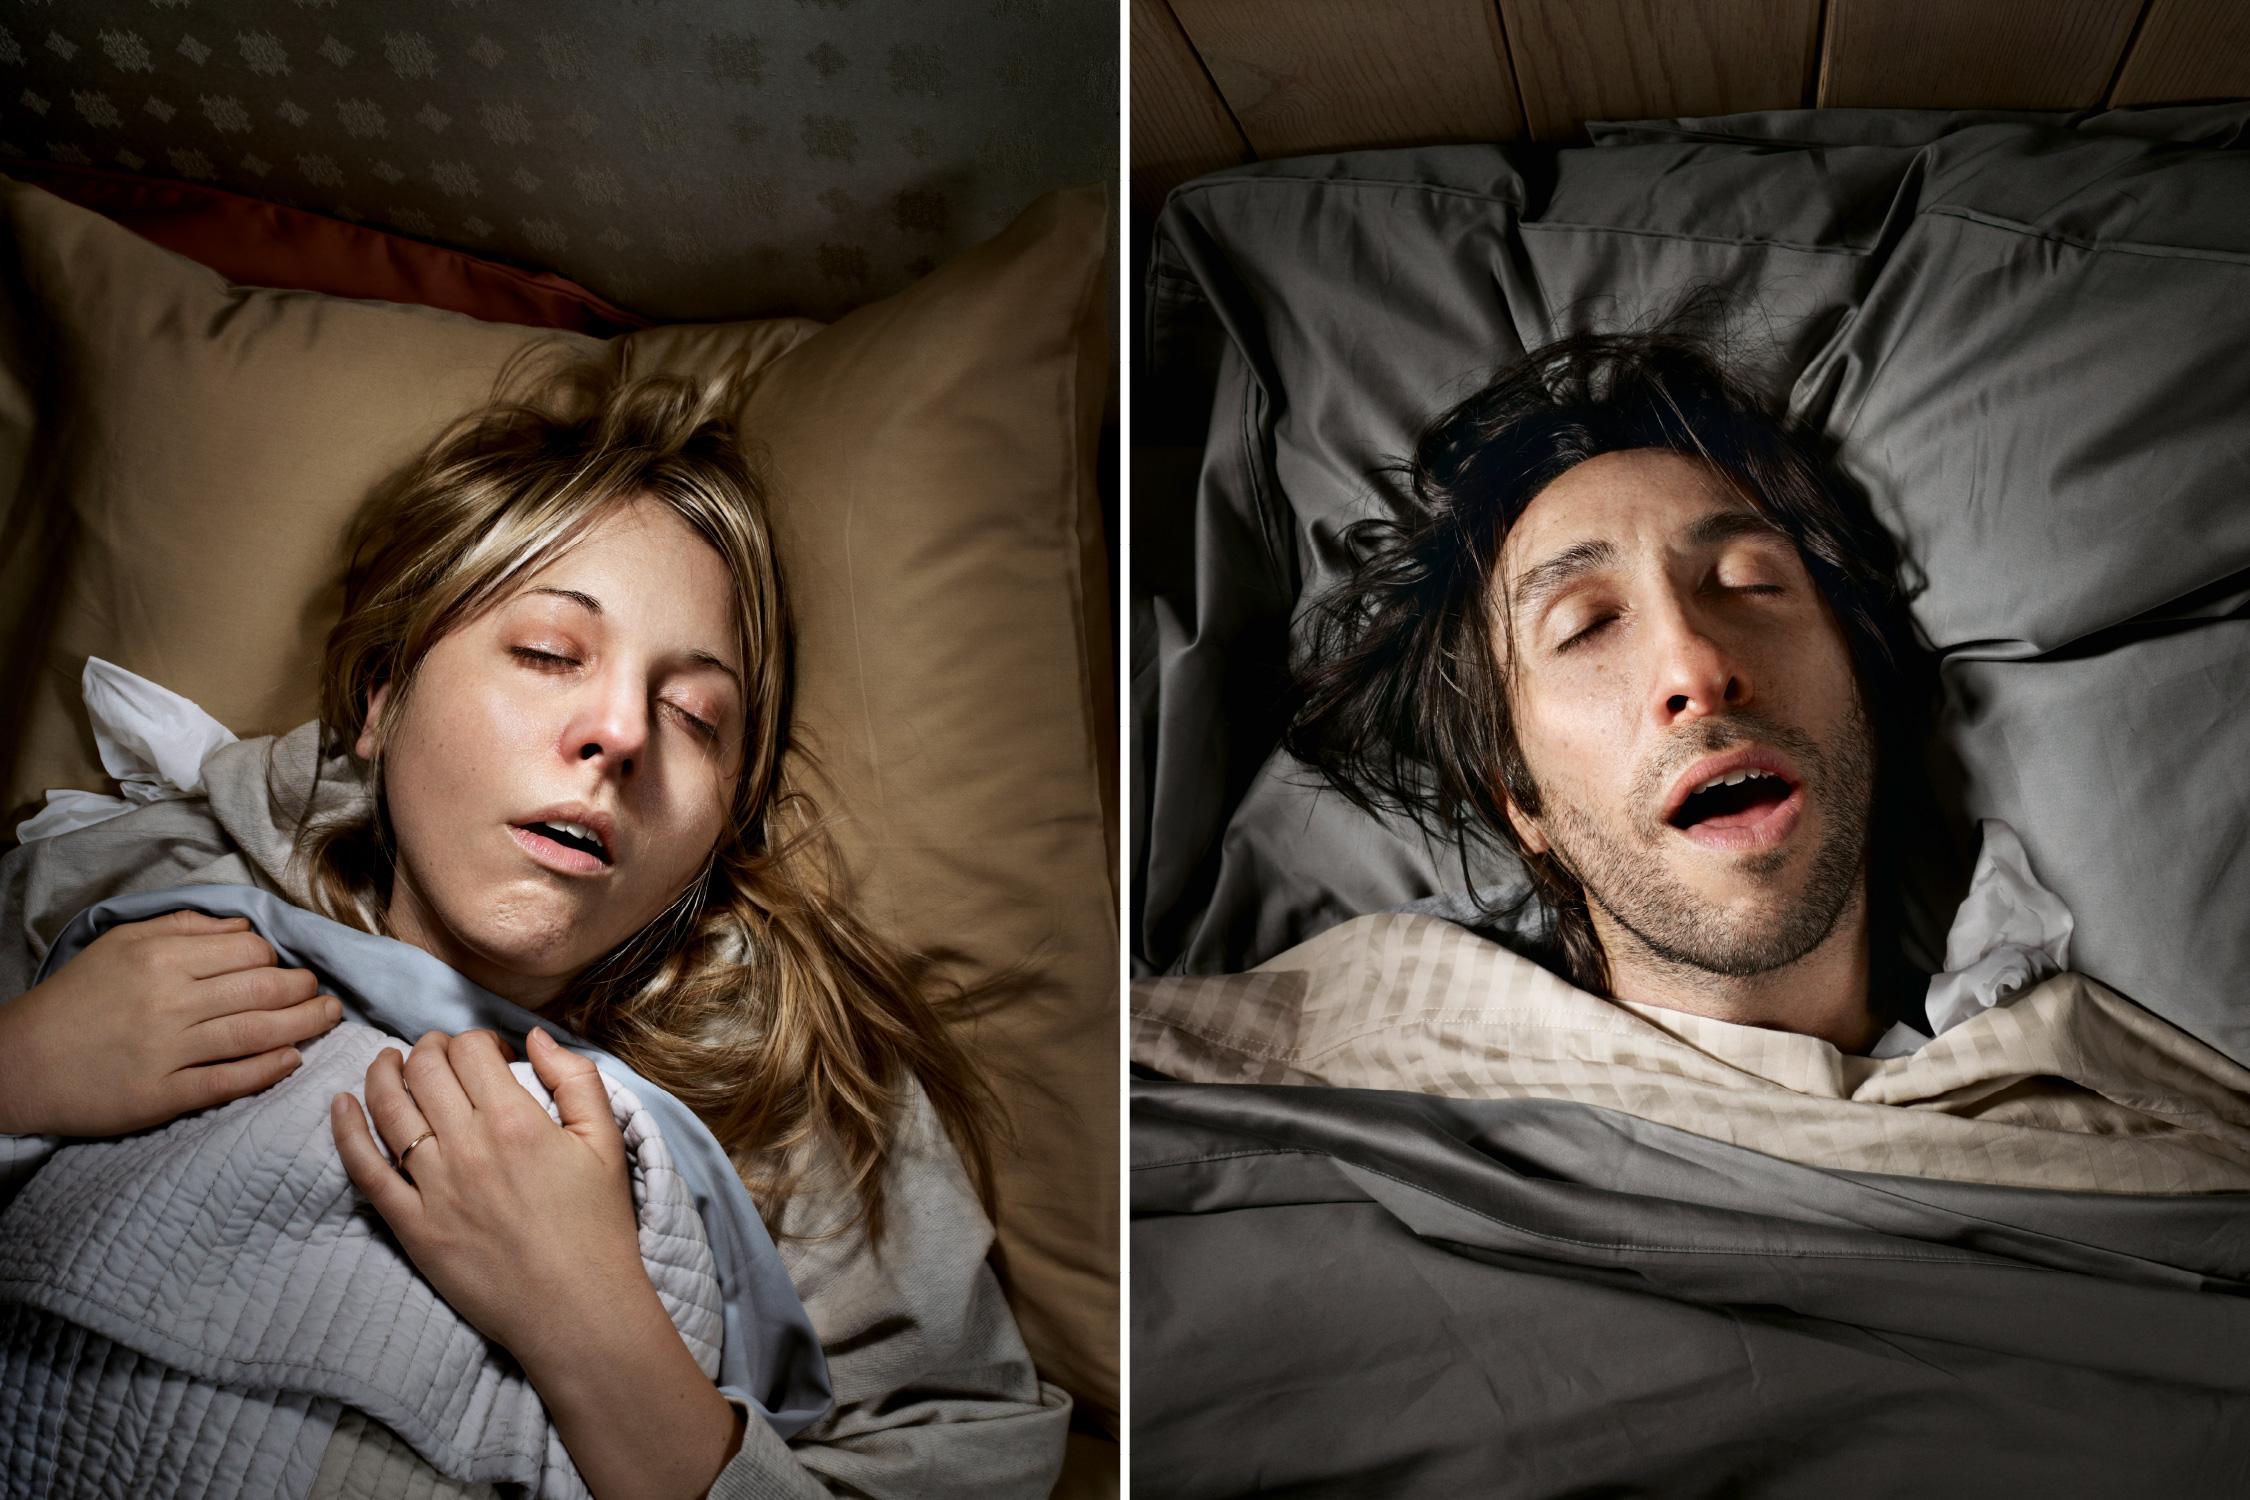 10-Ugly-sleepers.jpg